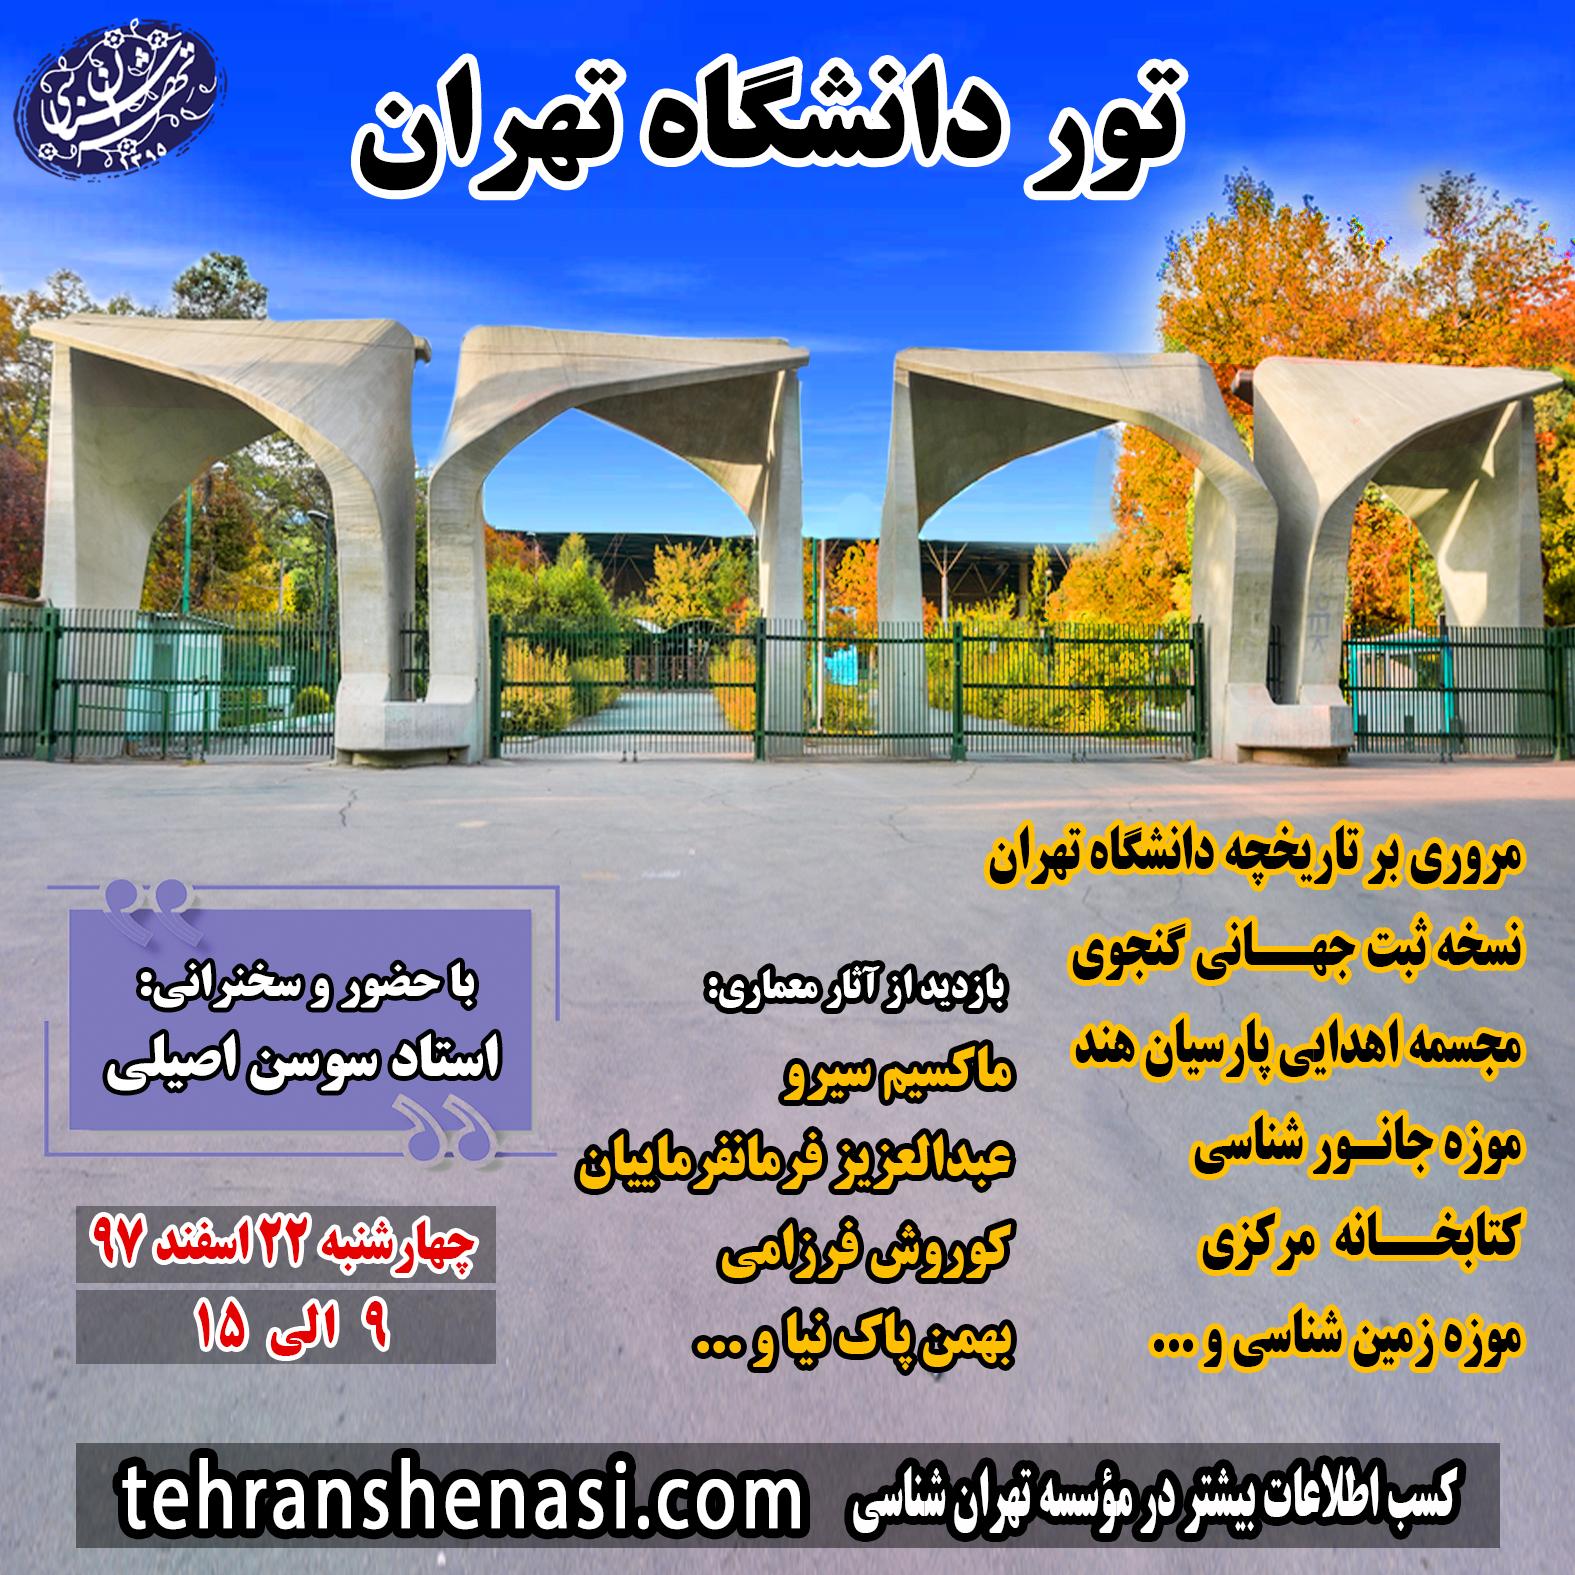 تور دانشگاه تهران موسسه تهران شناسی